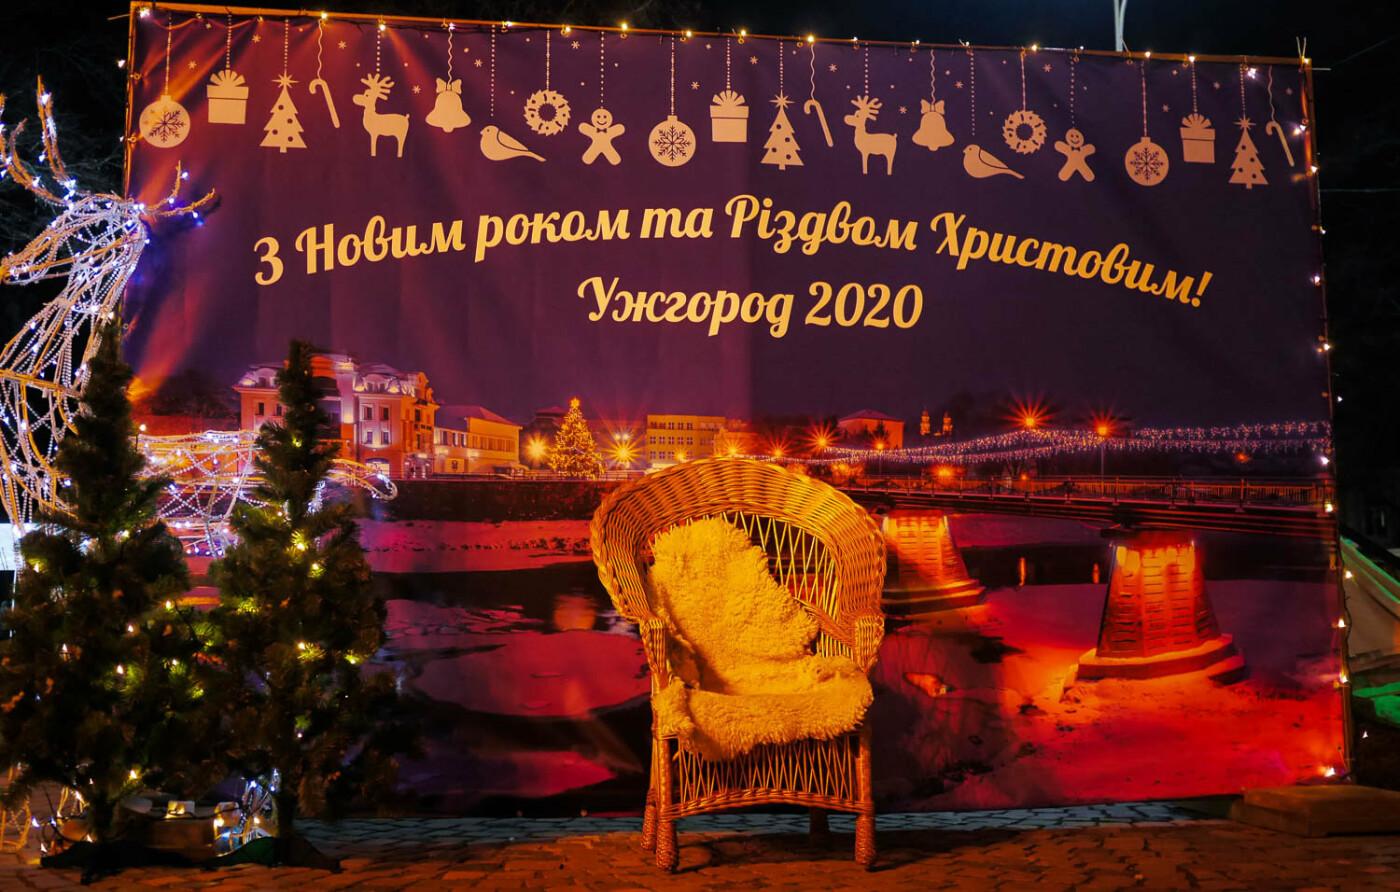 Яскраві ілюмінації, фотозони та ярмарок: в Ужгороді панує святкова атмосфера (ФОТОРЕПОРТАЖ), фото-27